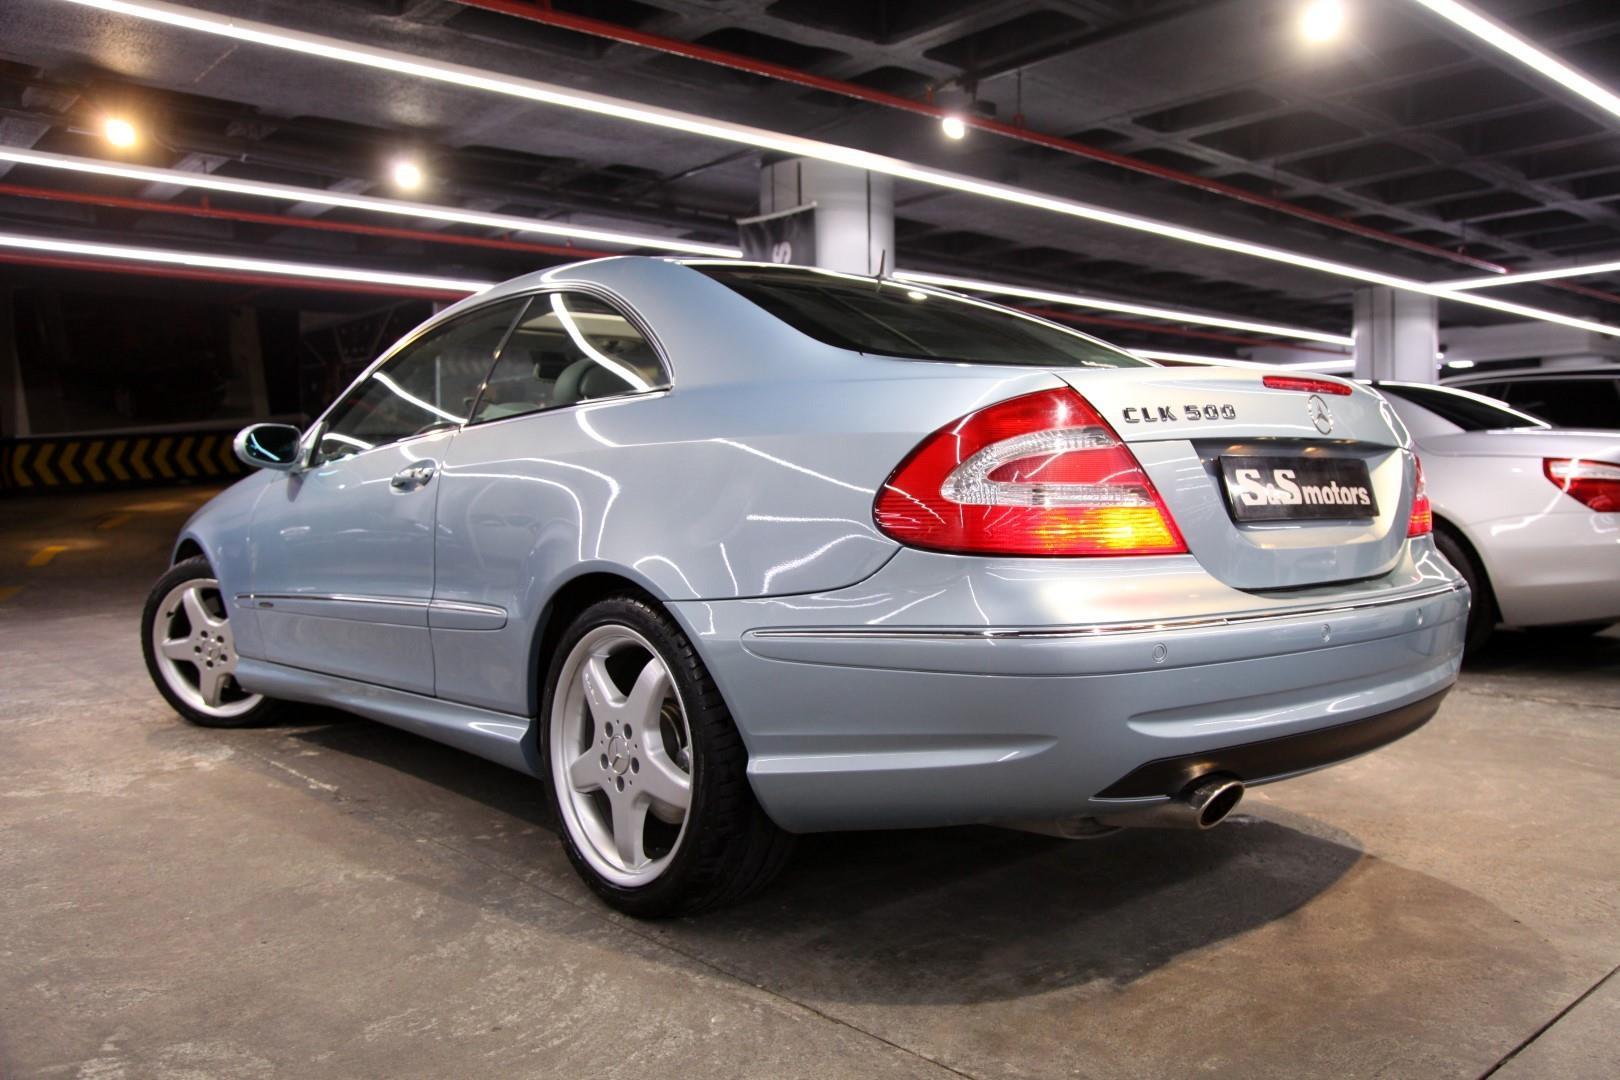 Mercedes Benz Clk 500 Coupe